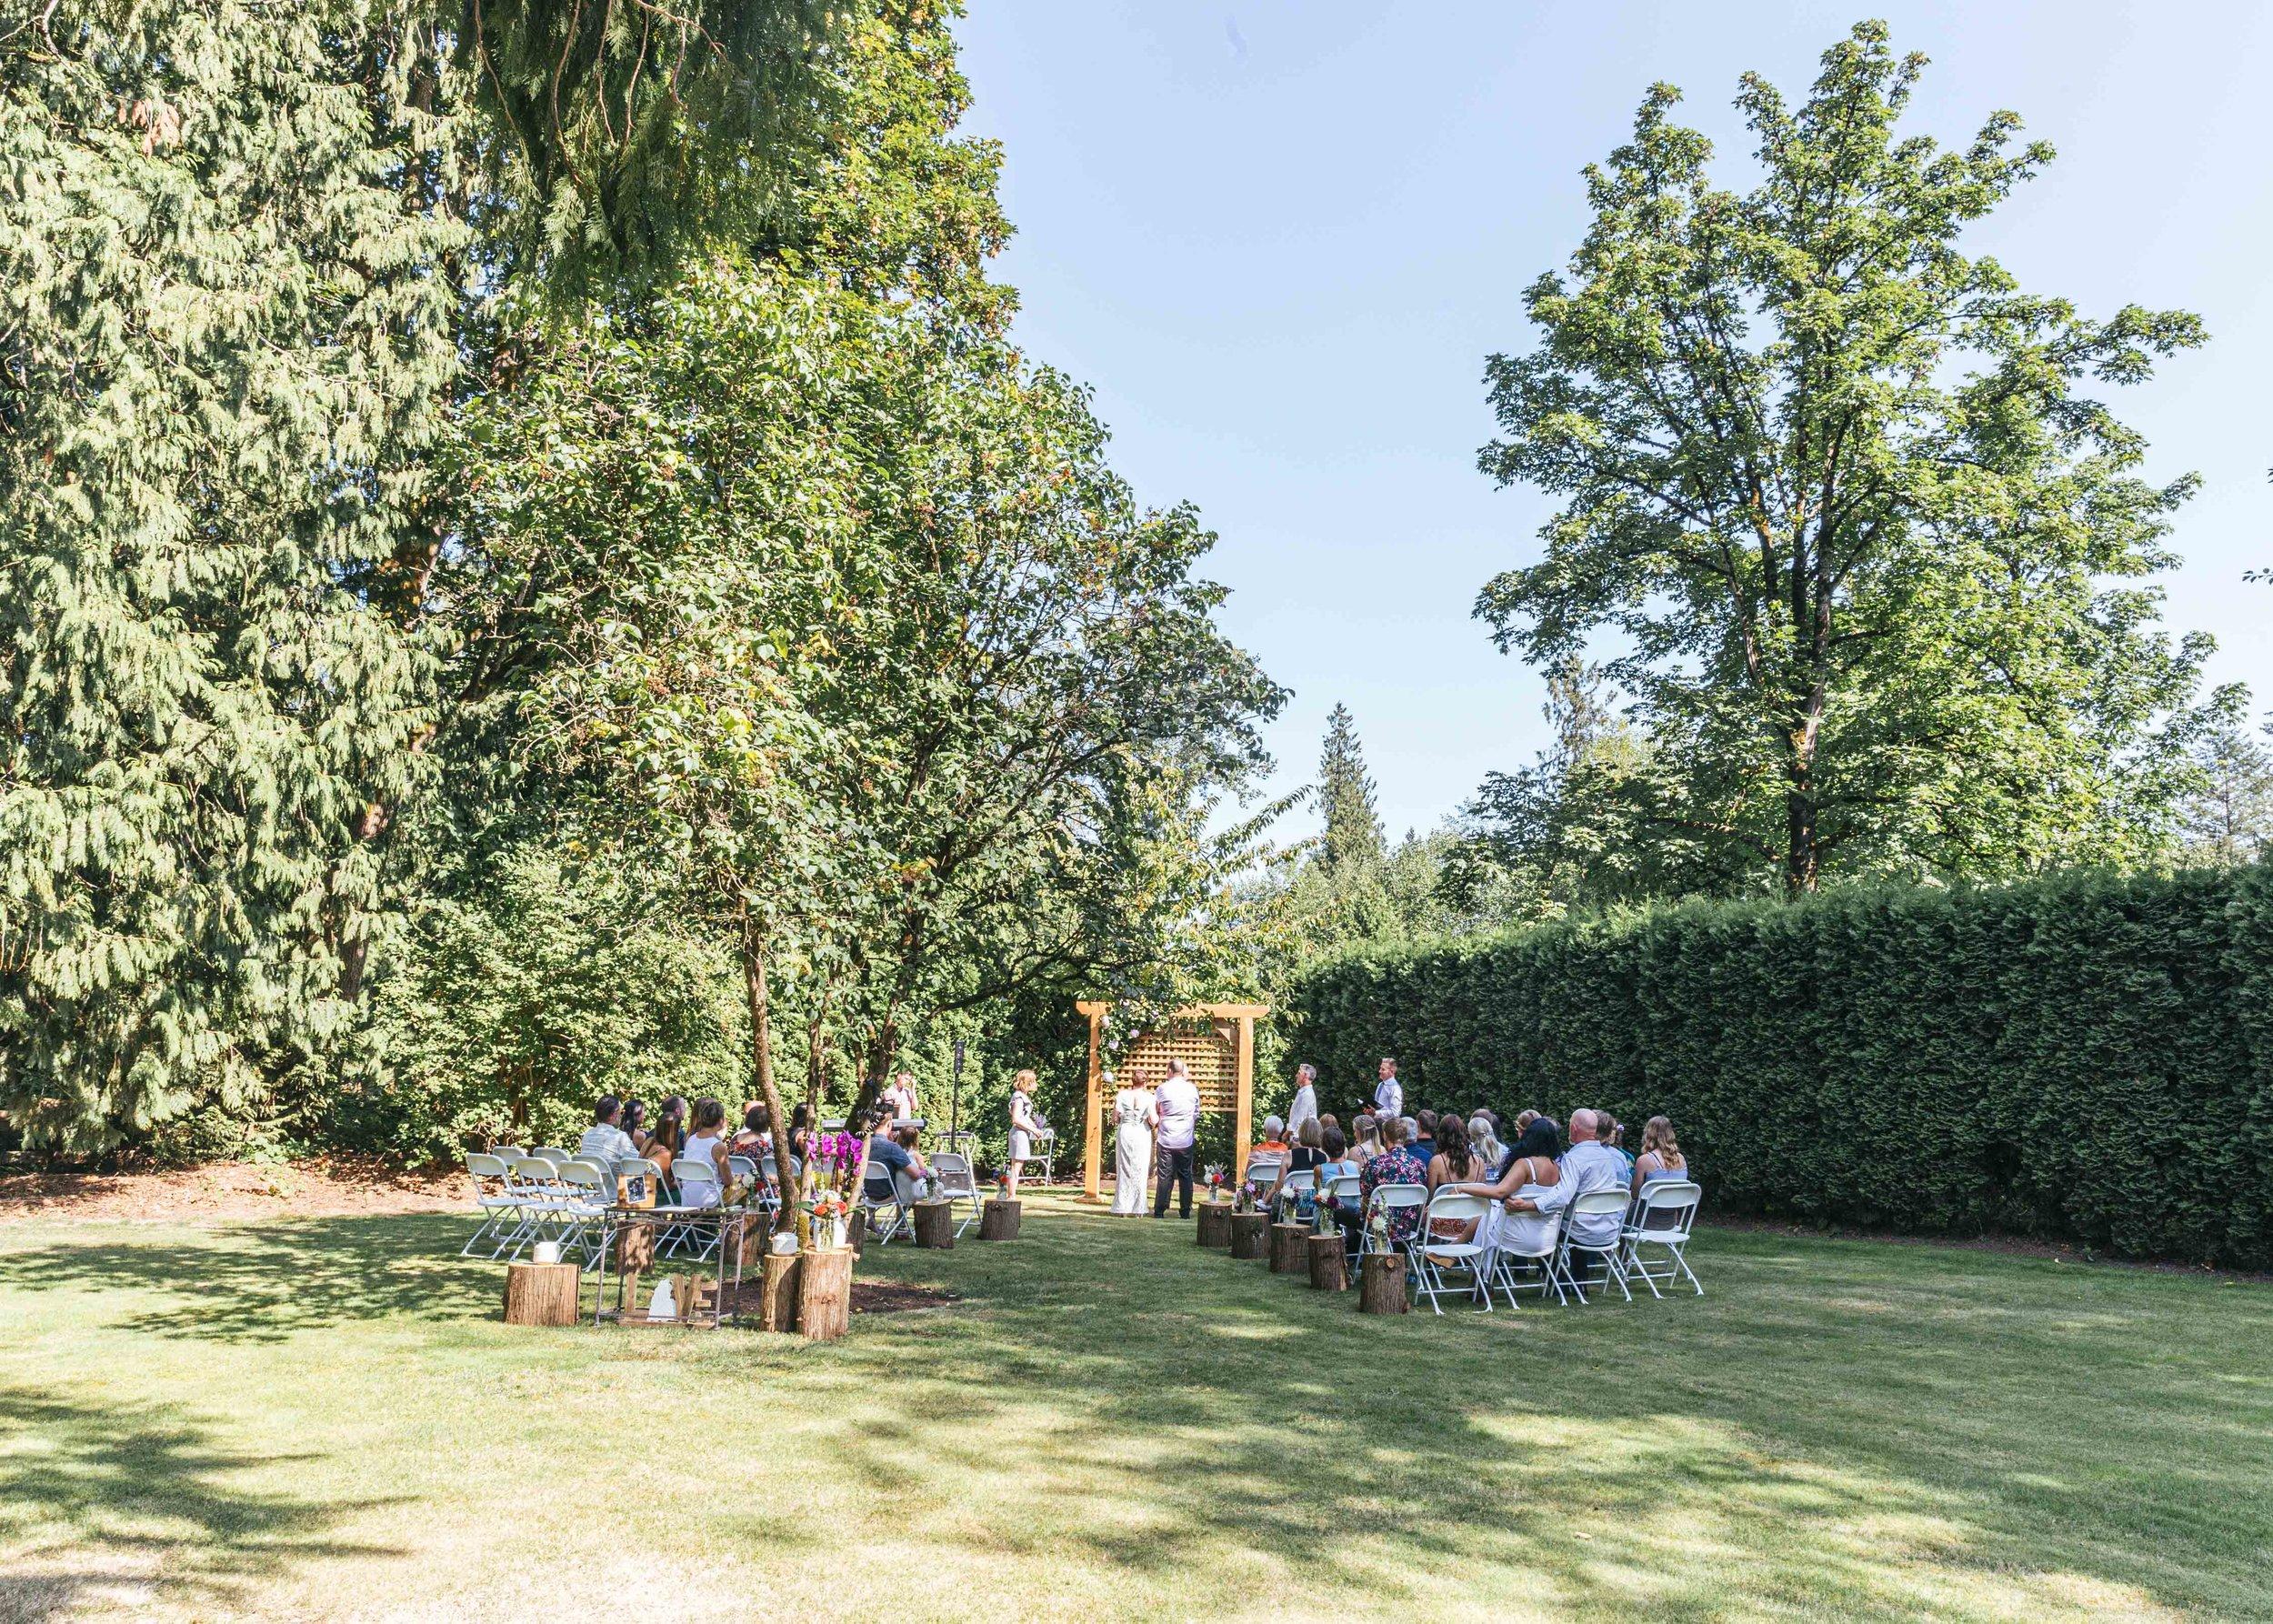 carla_darren_wedding_sophia_hsin_photography-115.jpg